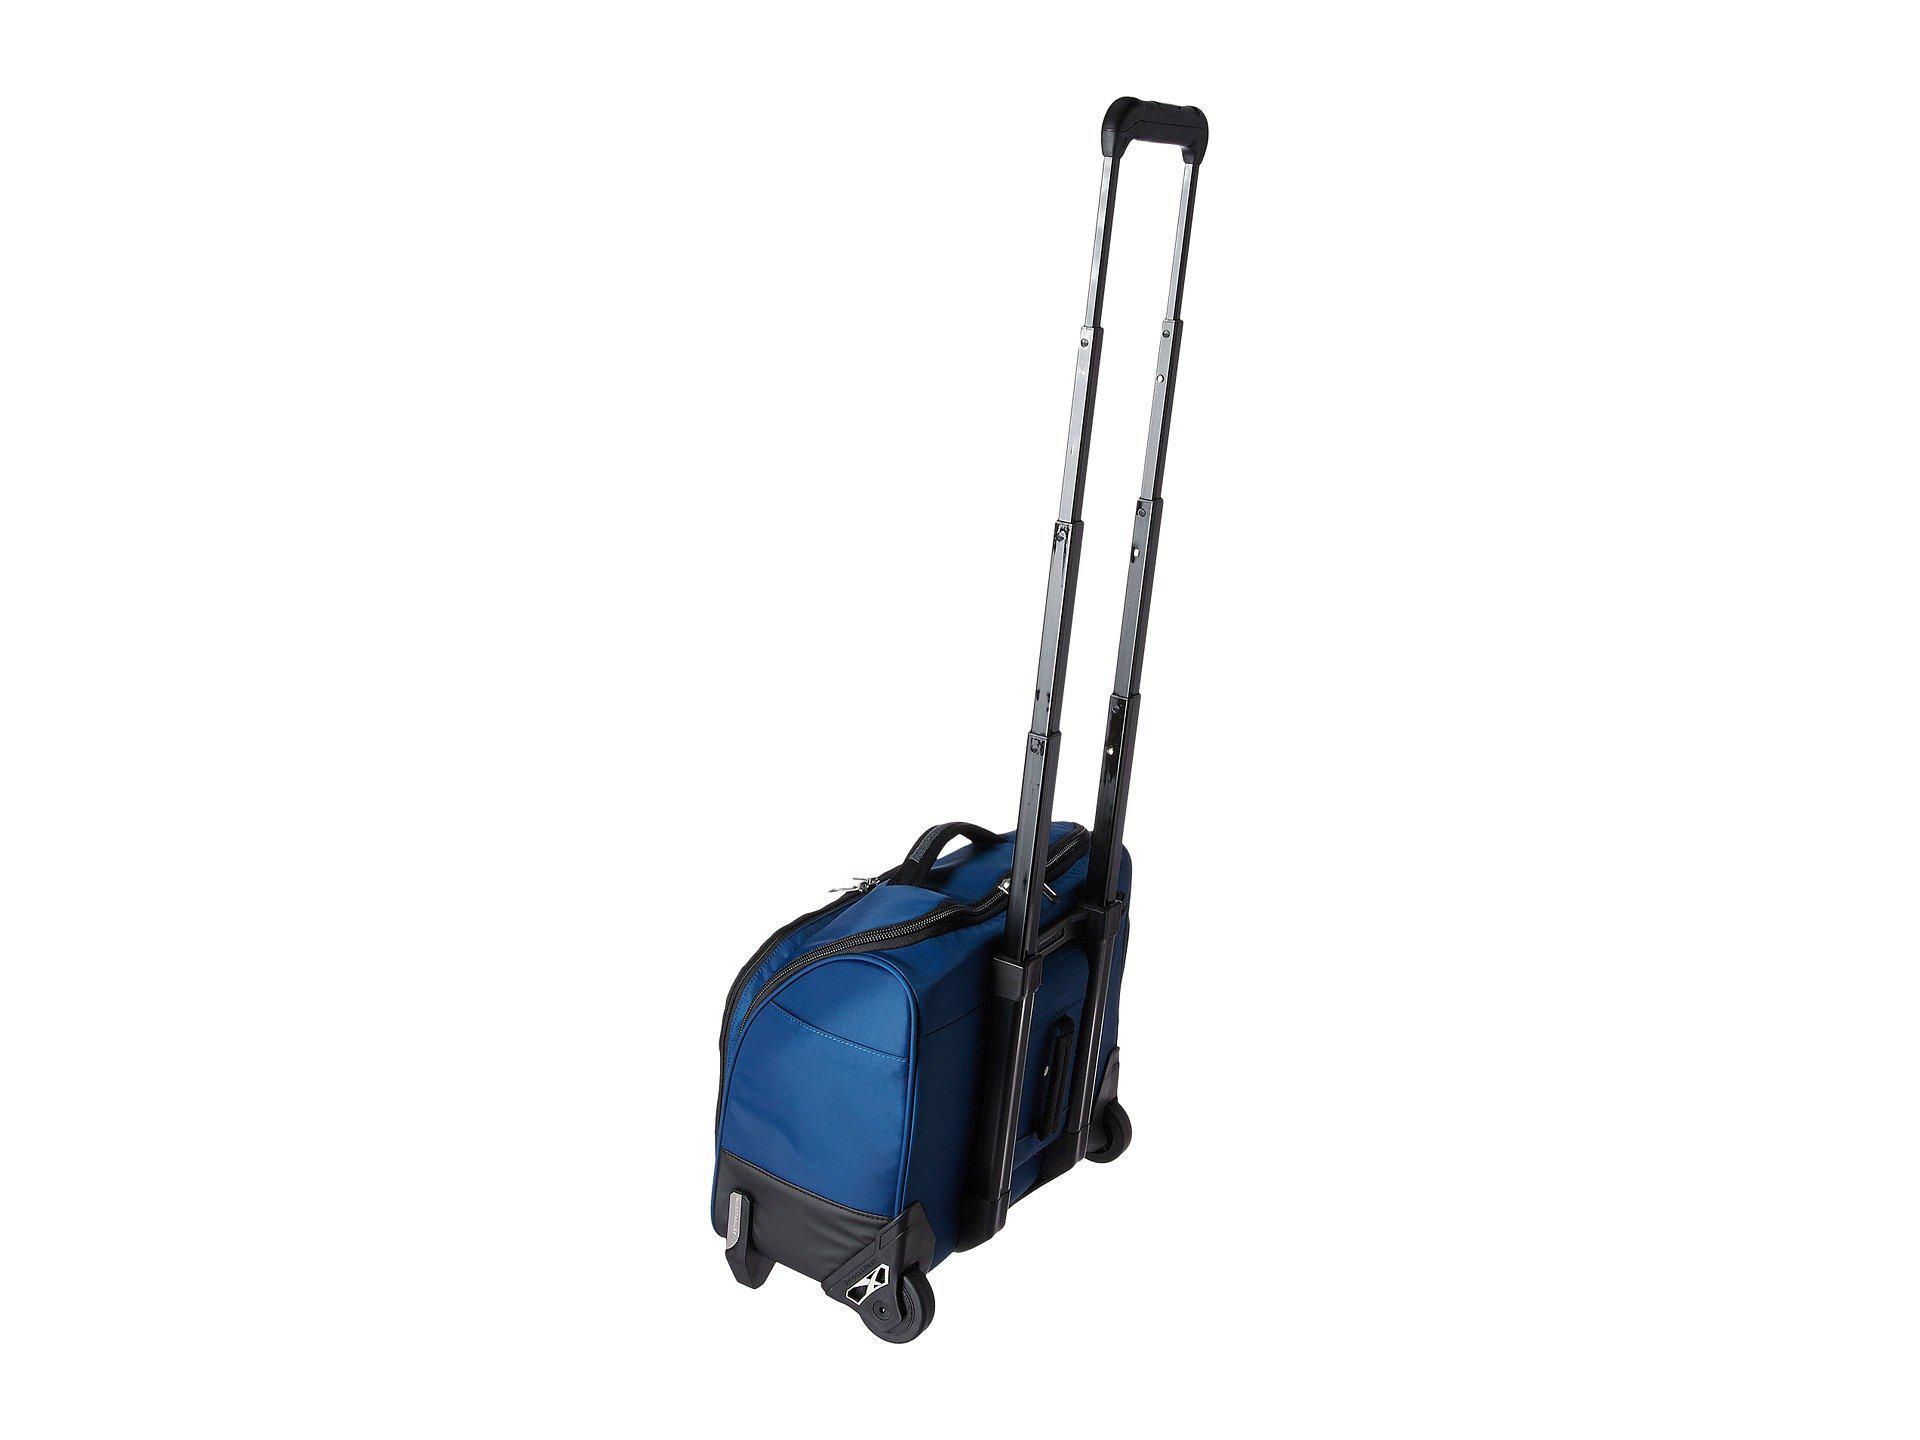 4a03bfeb8 Lyst - Briggs & Riley Brx - Rolling Cabin Bag (blue) Luggage in Blue ...